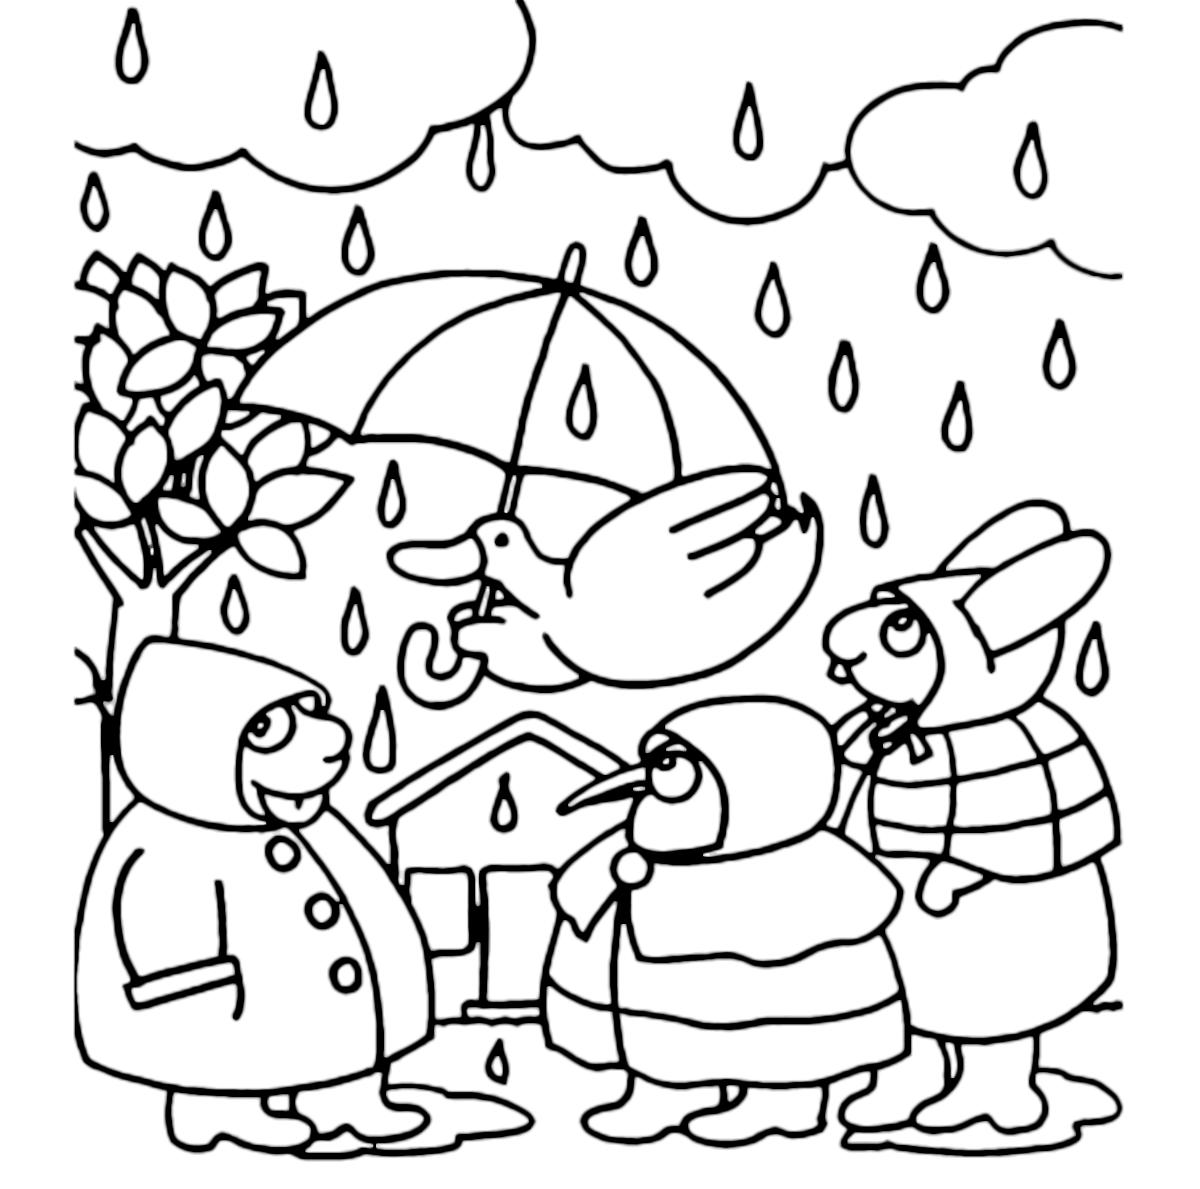 La pimpa la pimpa e i suoi amici con l 39 ombrello sotto la for Immagini pimpa gratis